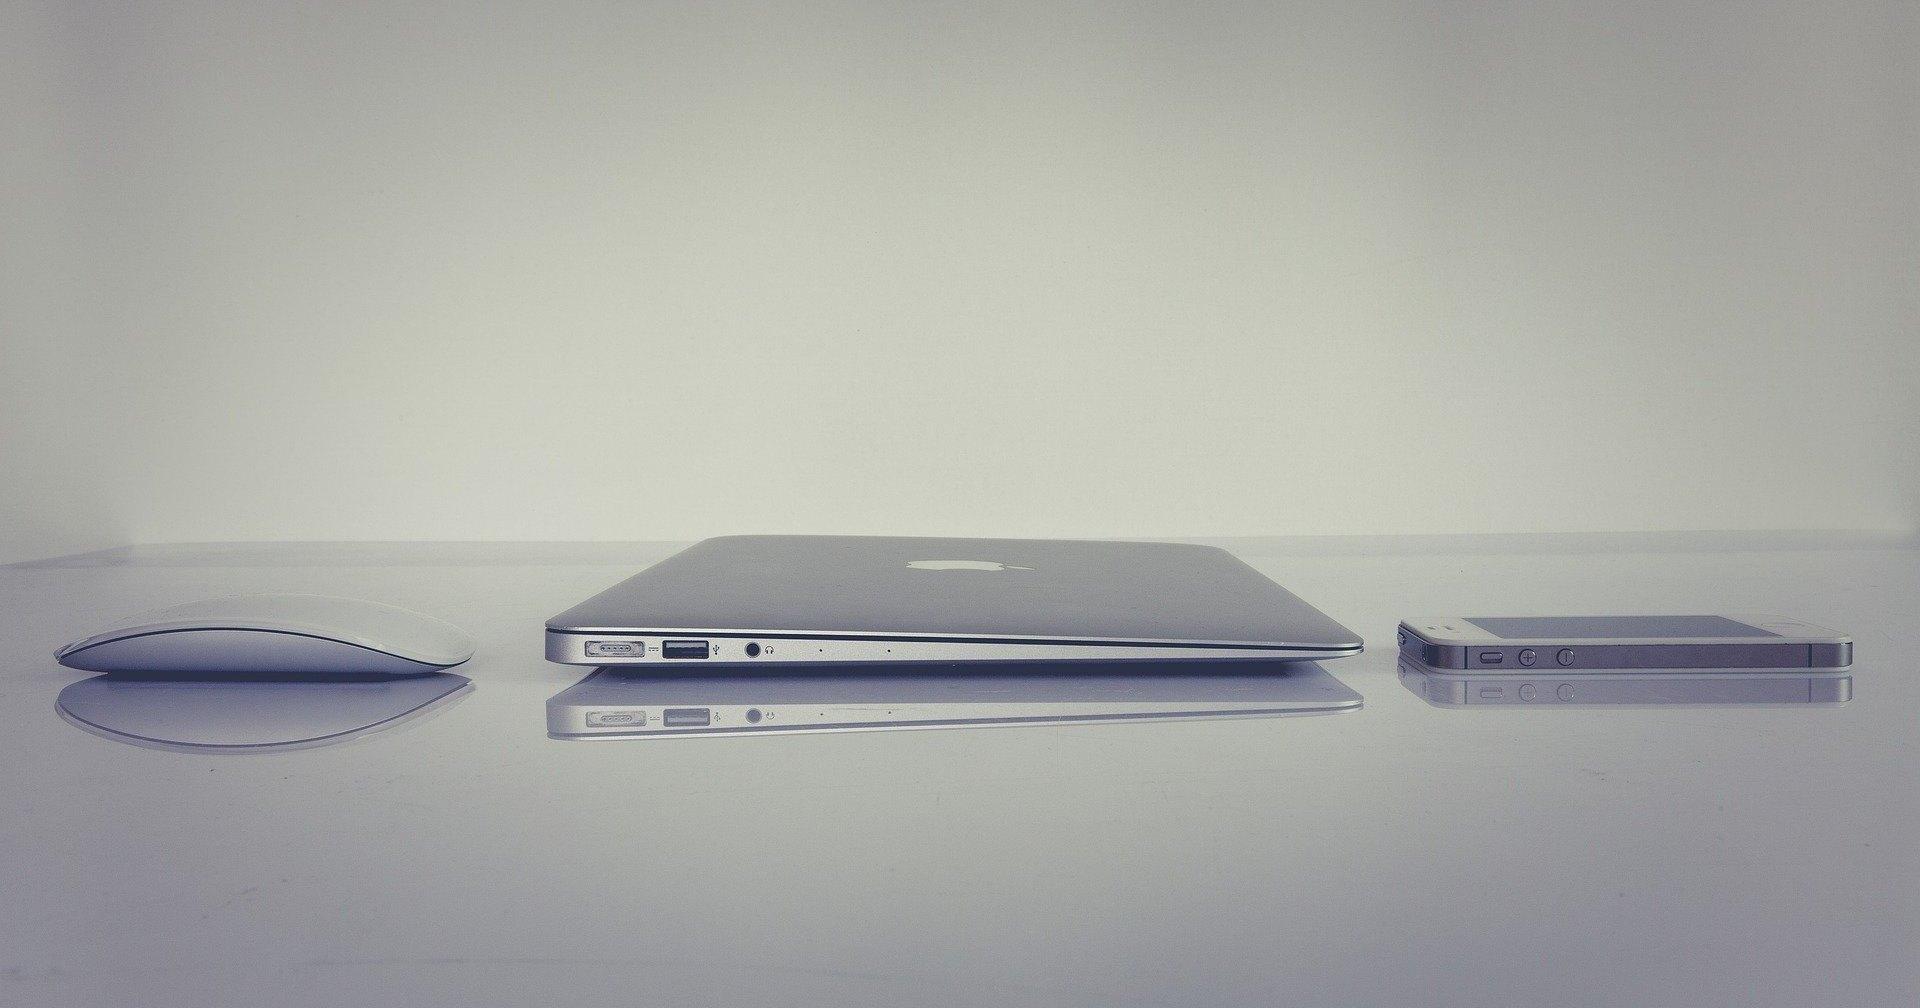 Ноутбуки Apple могут перейти на процессоры от смартфонов